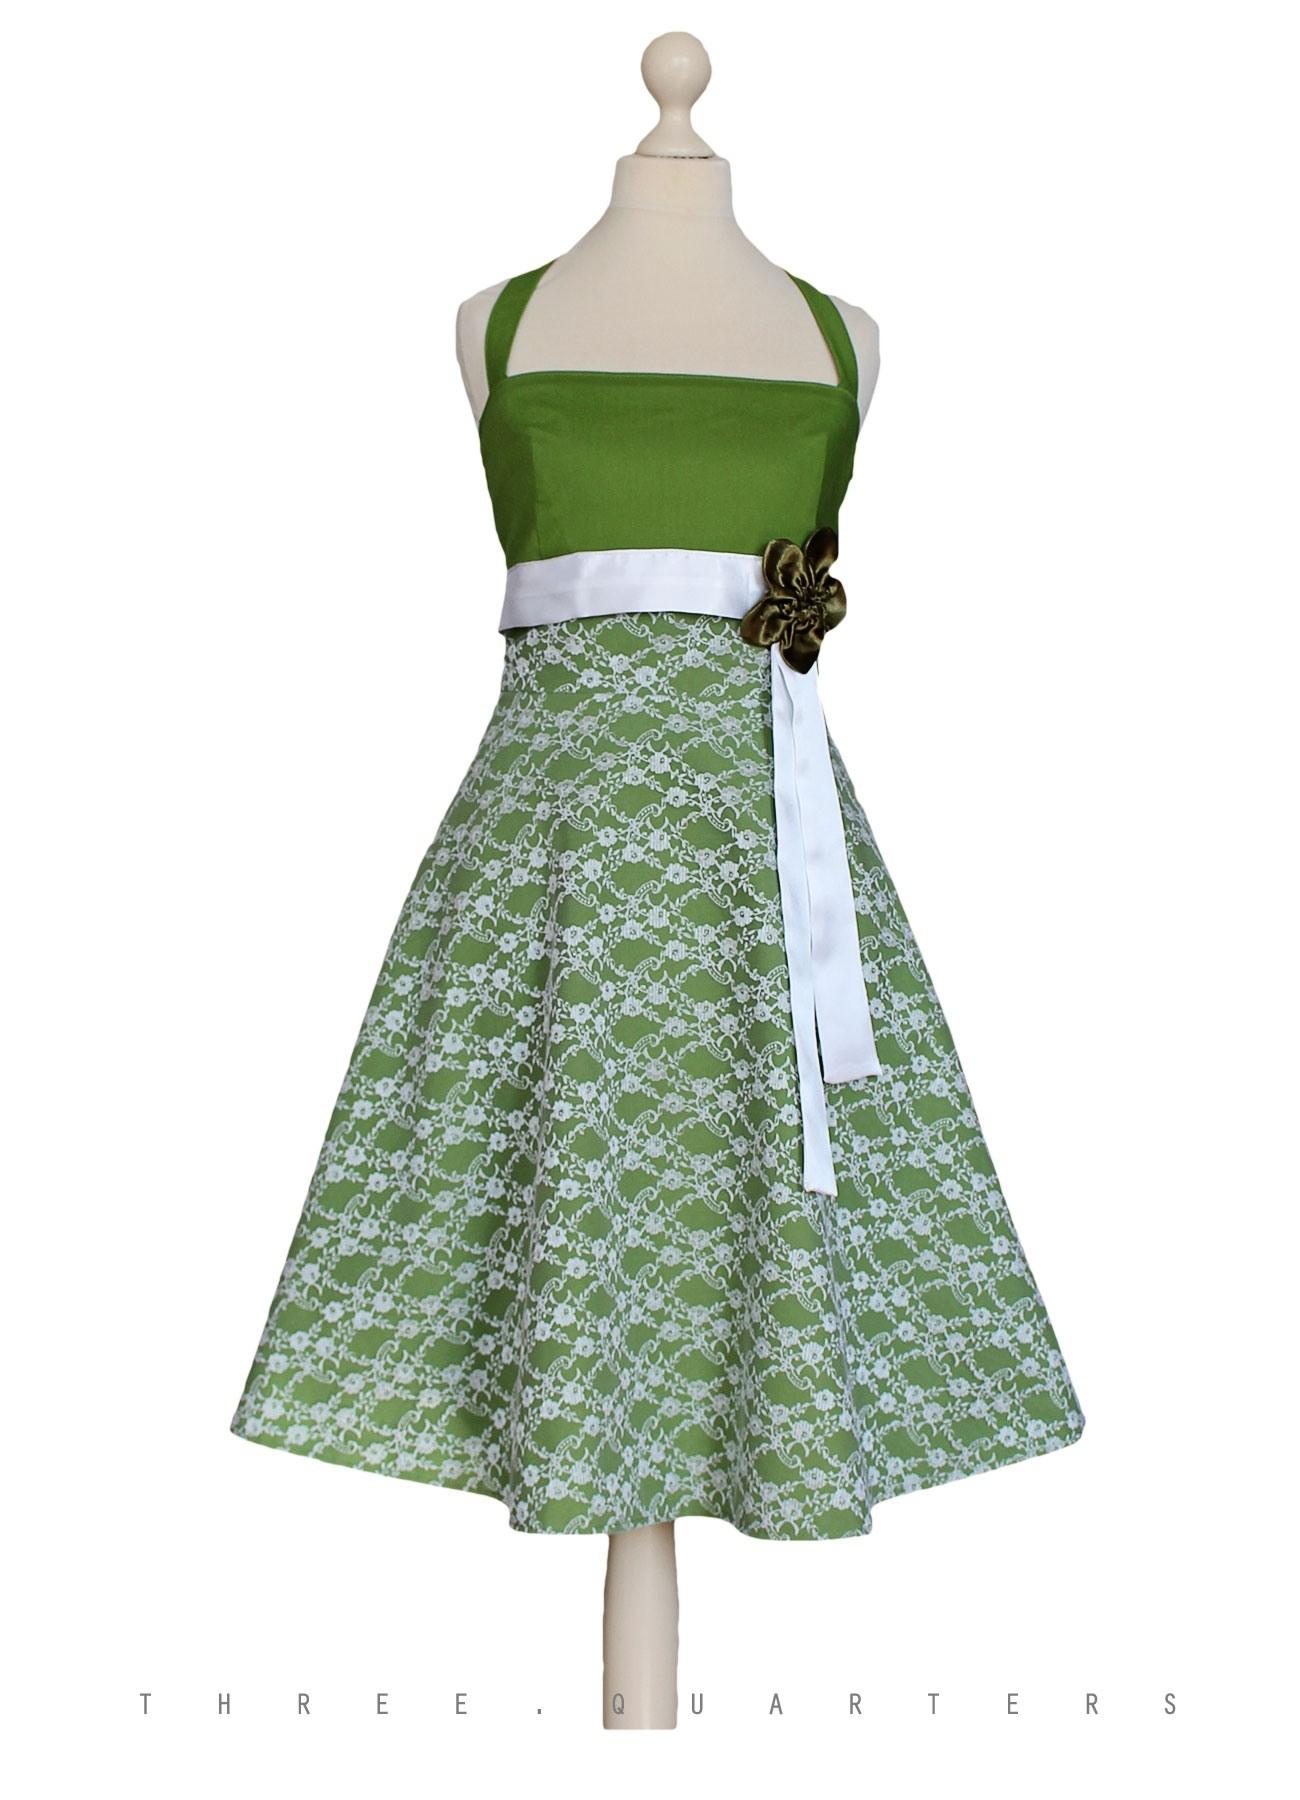 Einfach Kleid Mintgrün Spitze DesignFormal Ausgezeichnet Kleid Mintgrün Spitze Bester Preis